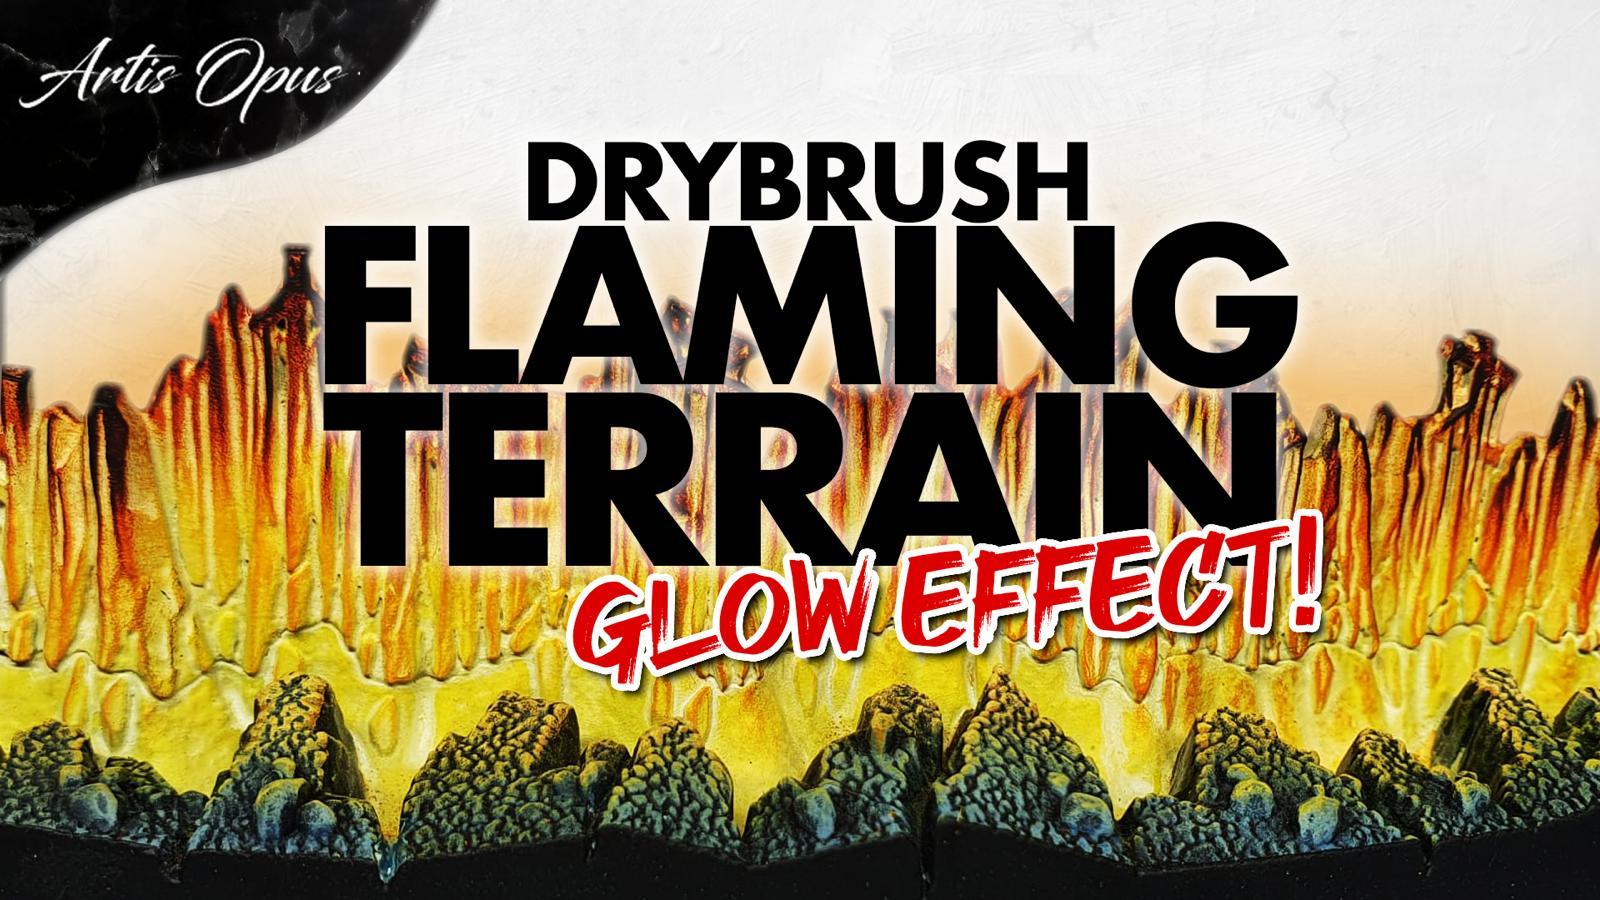 Artis Opus Glowing Flame Terrain Paint bundle